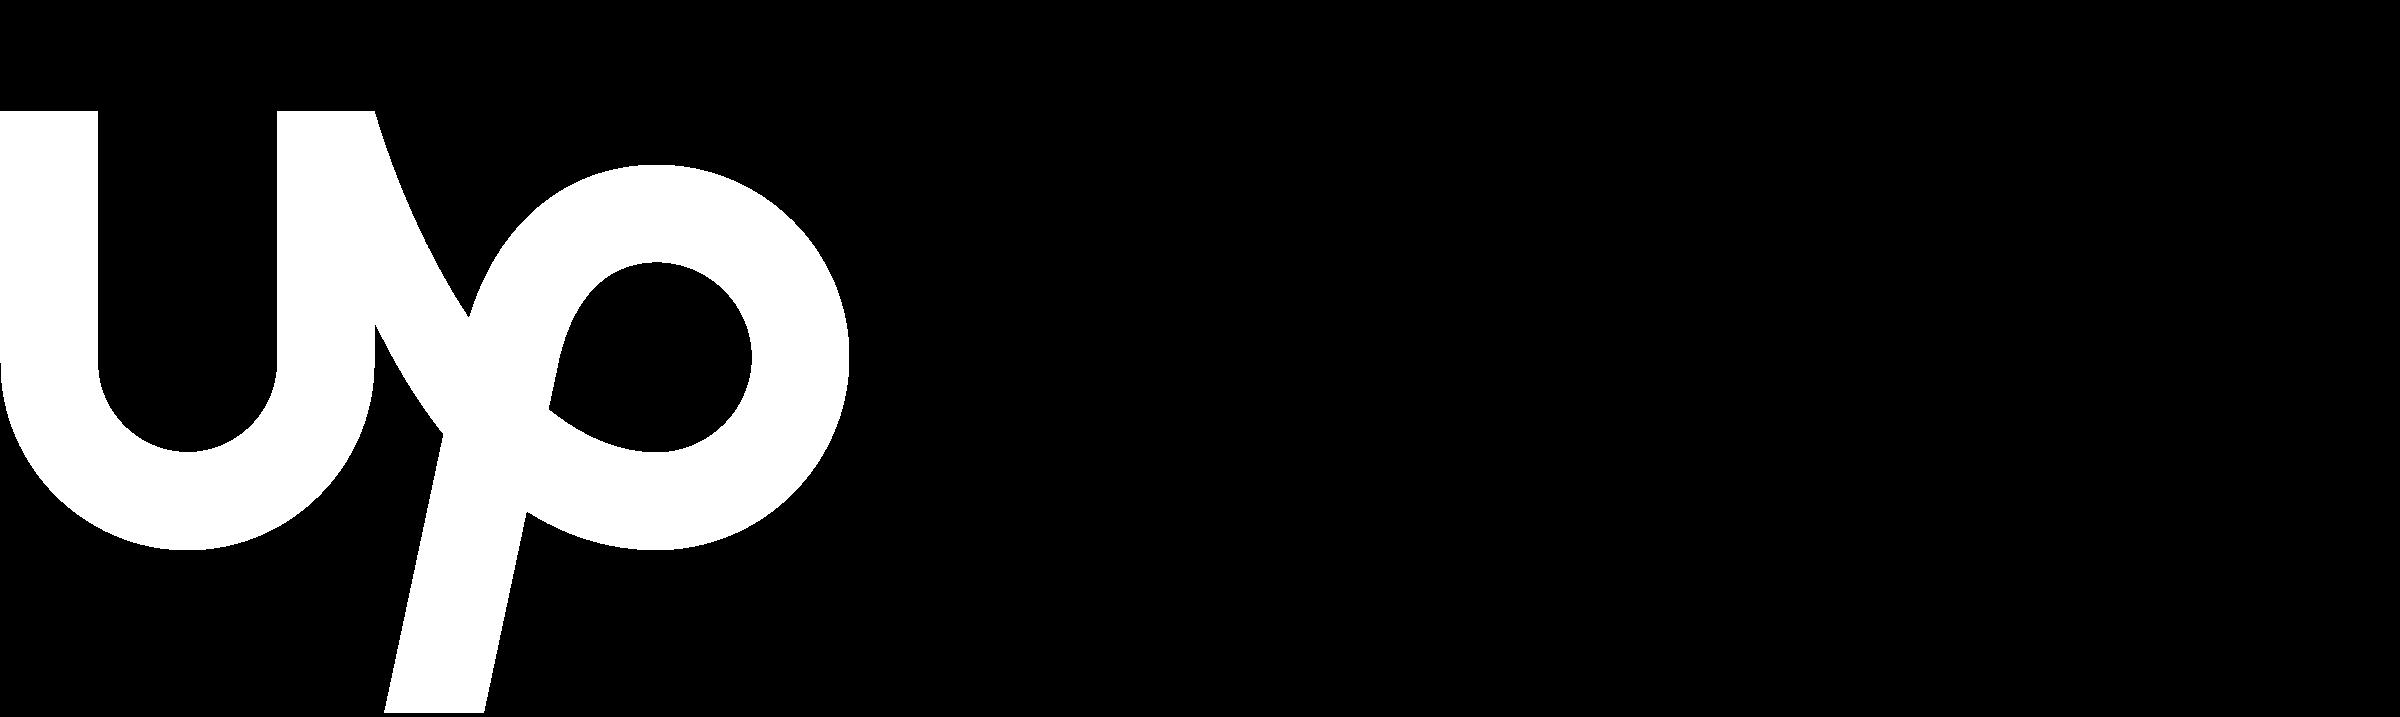 upwork-logo-black-transparent.jpg